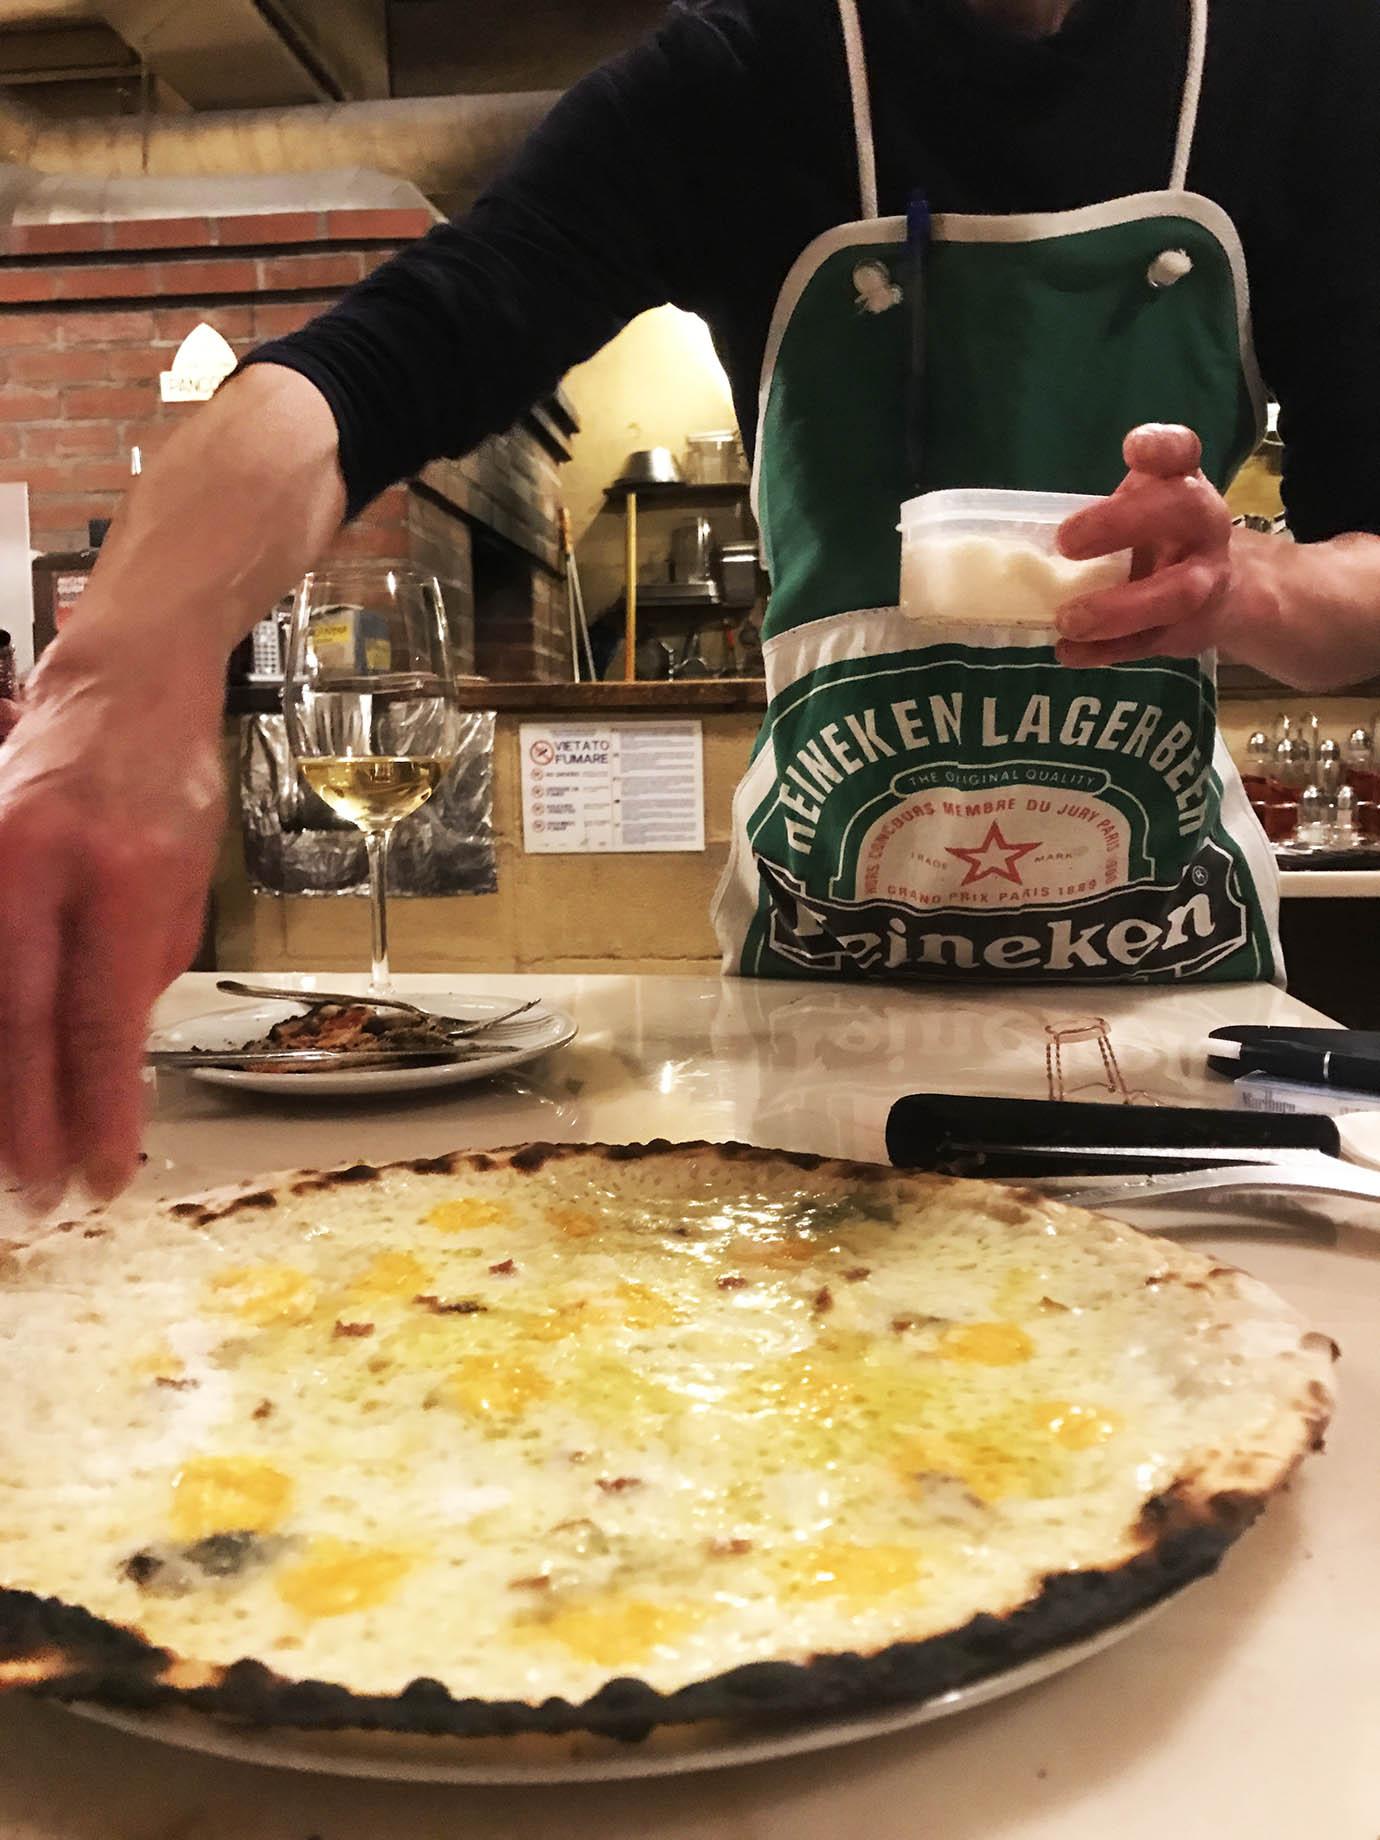 pizzeria-romana-ilpentito-pizza2